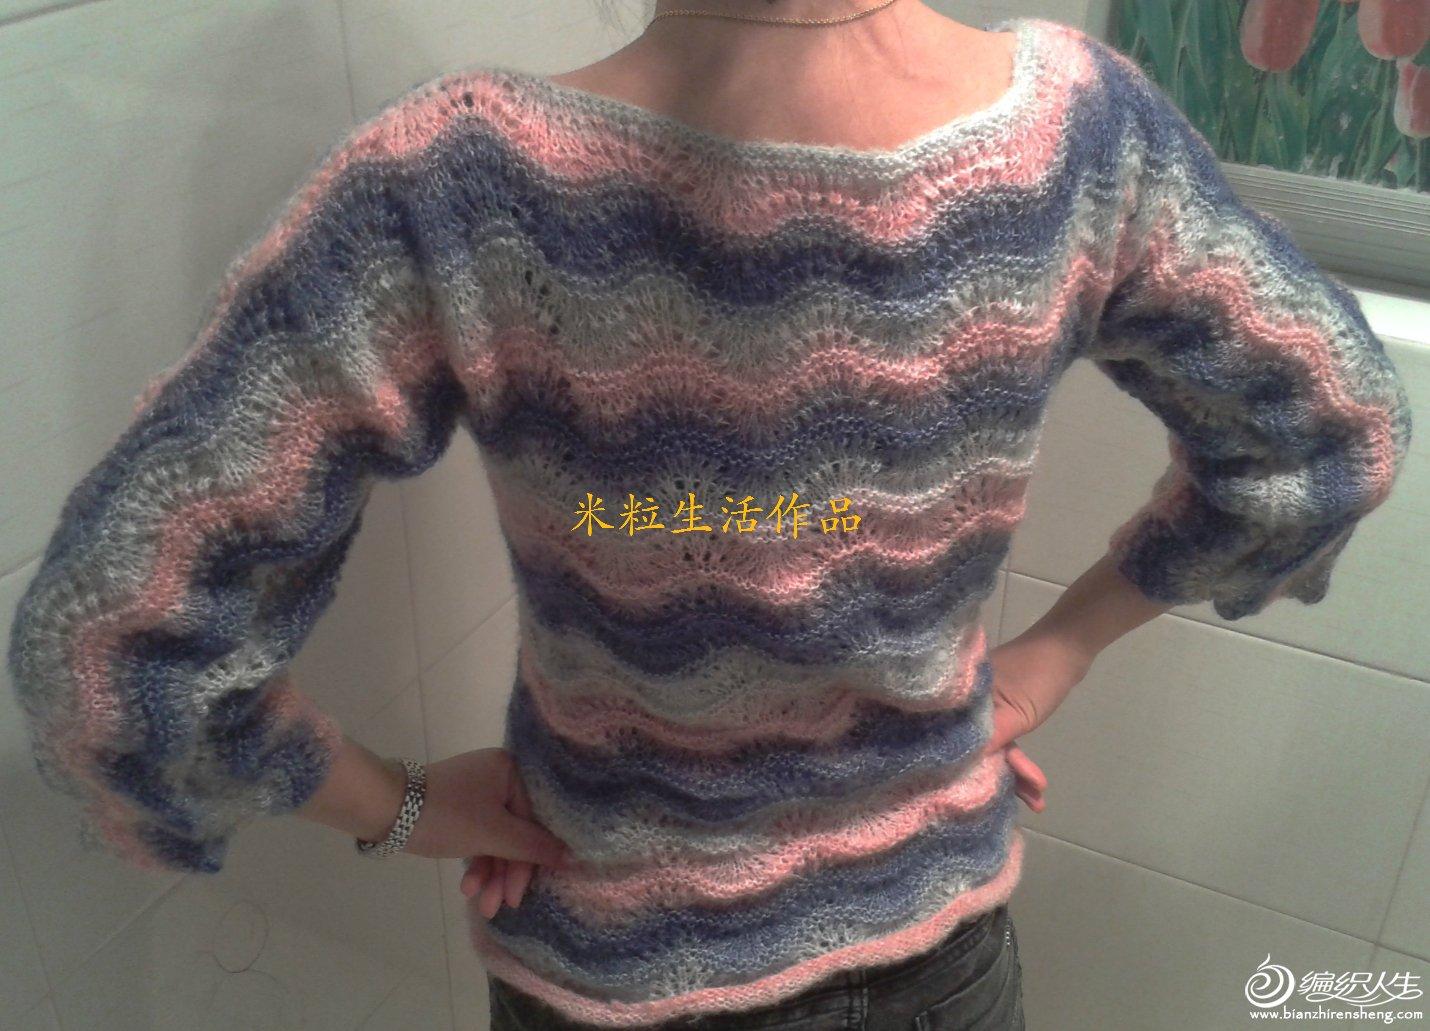 2012-11-24 19.00.18_meitu_3.jpg